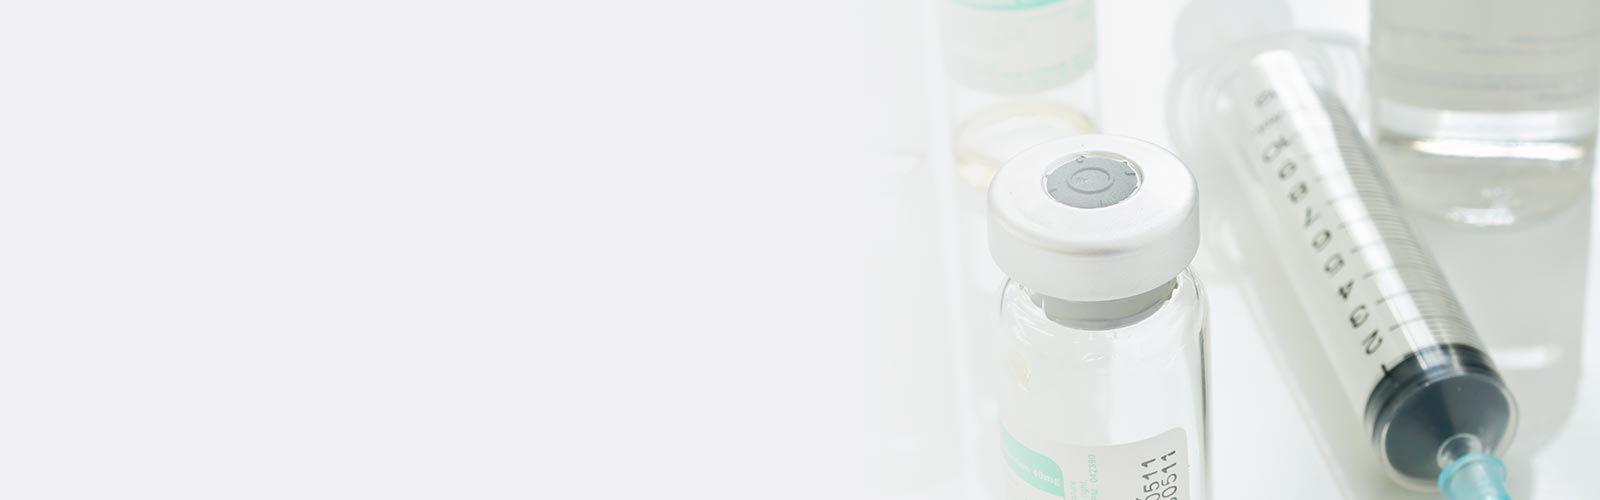 Syringe and medical vials.